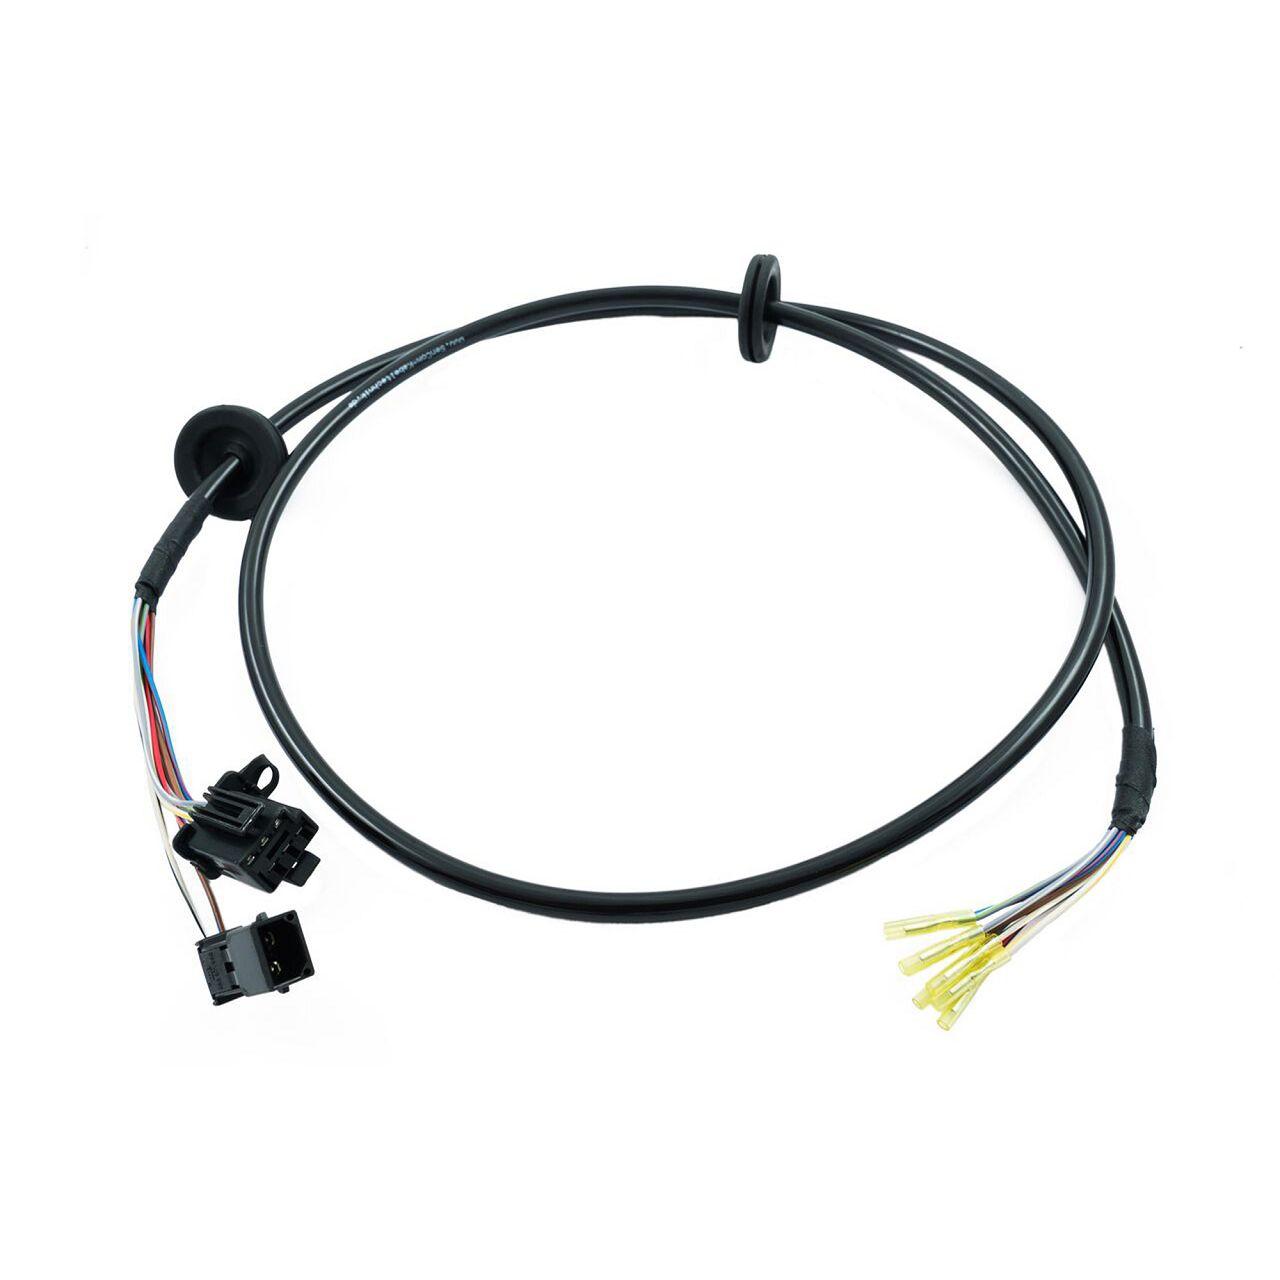 Kabelbaum Kabelsatz Kofferraum Heckklappe für AUDI CABRIO (8G7 B4) links 7-polig